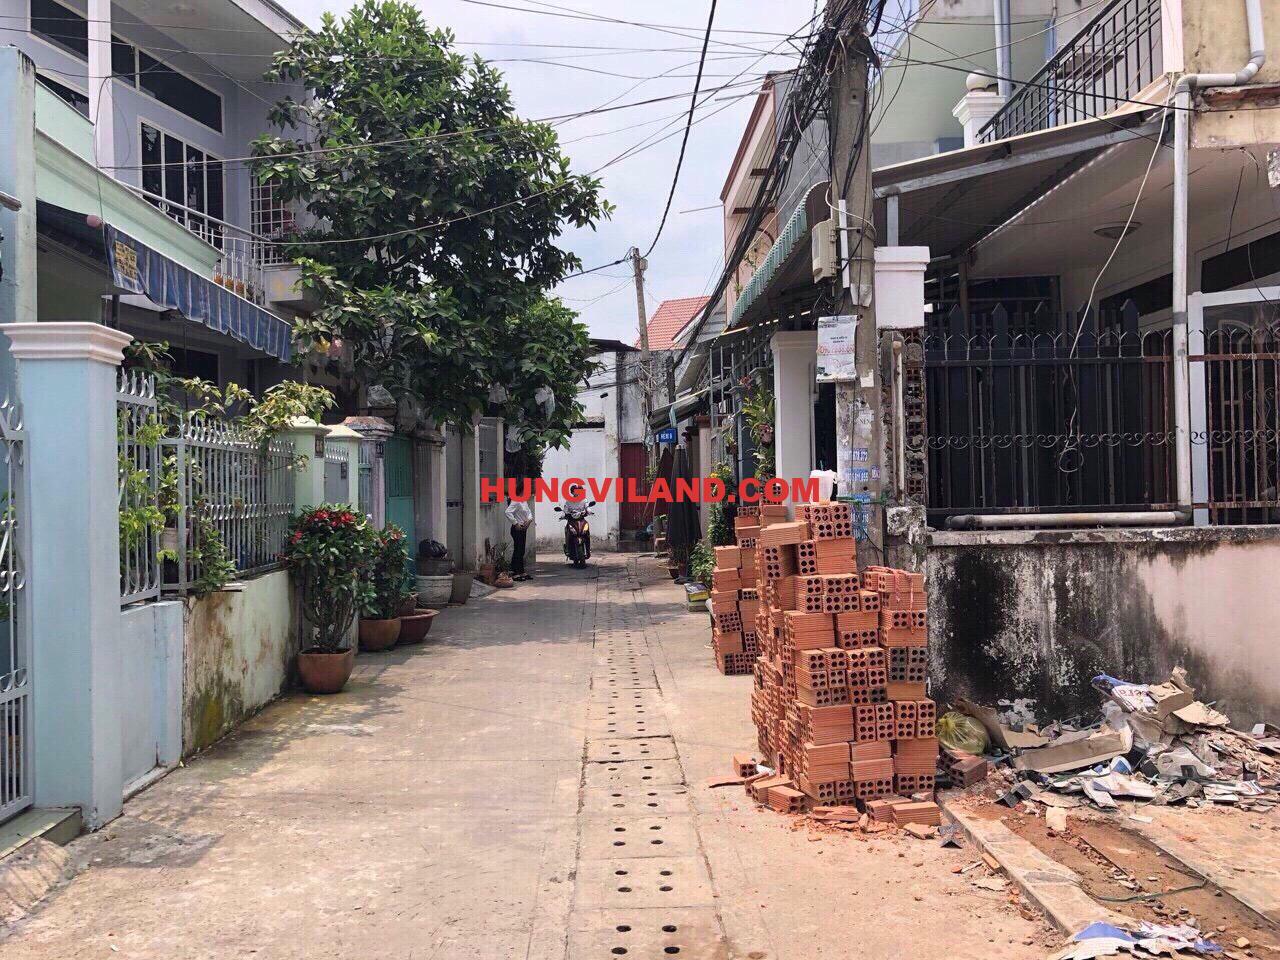 Bán đất phường Hiệp Phú, Quận 9, cách ngã tư Thủ Đức 1.5km – 0981260130